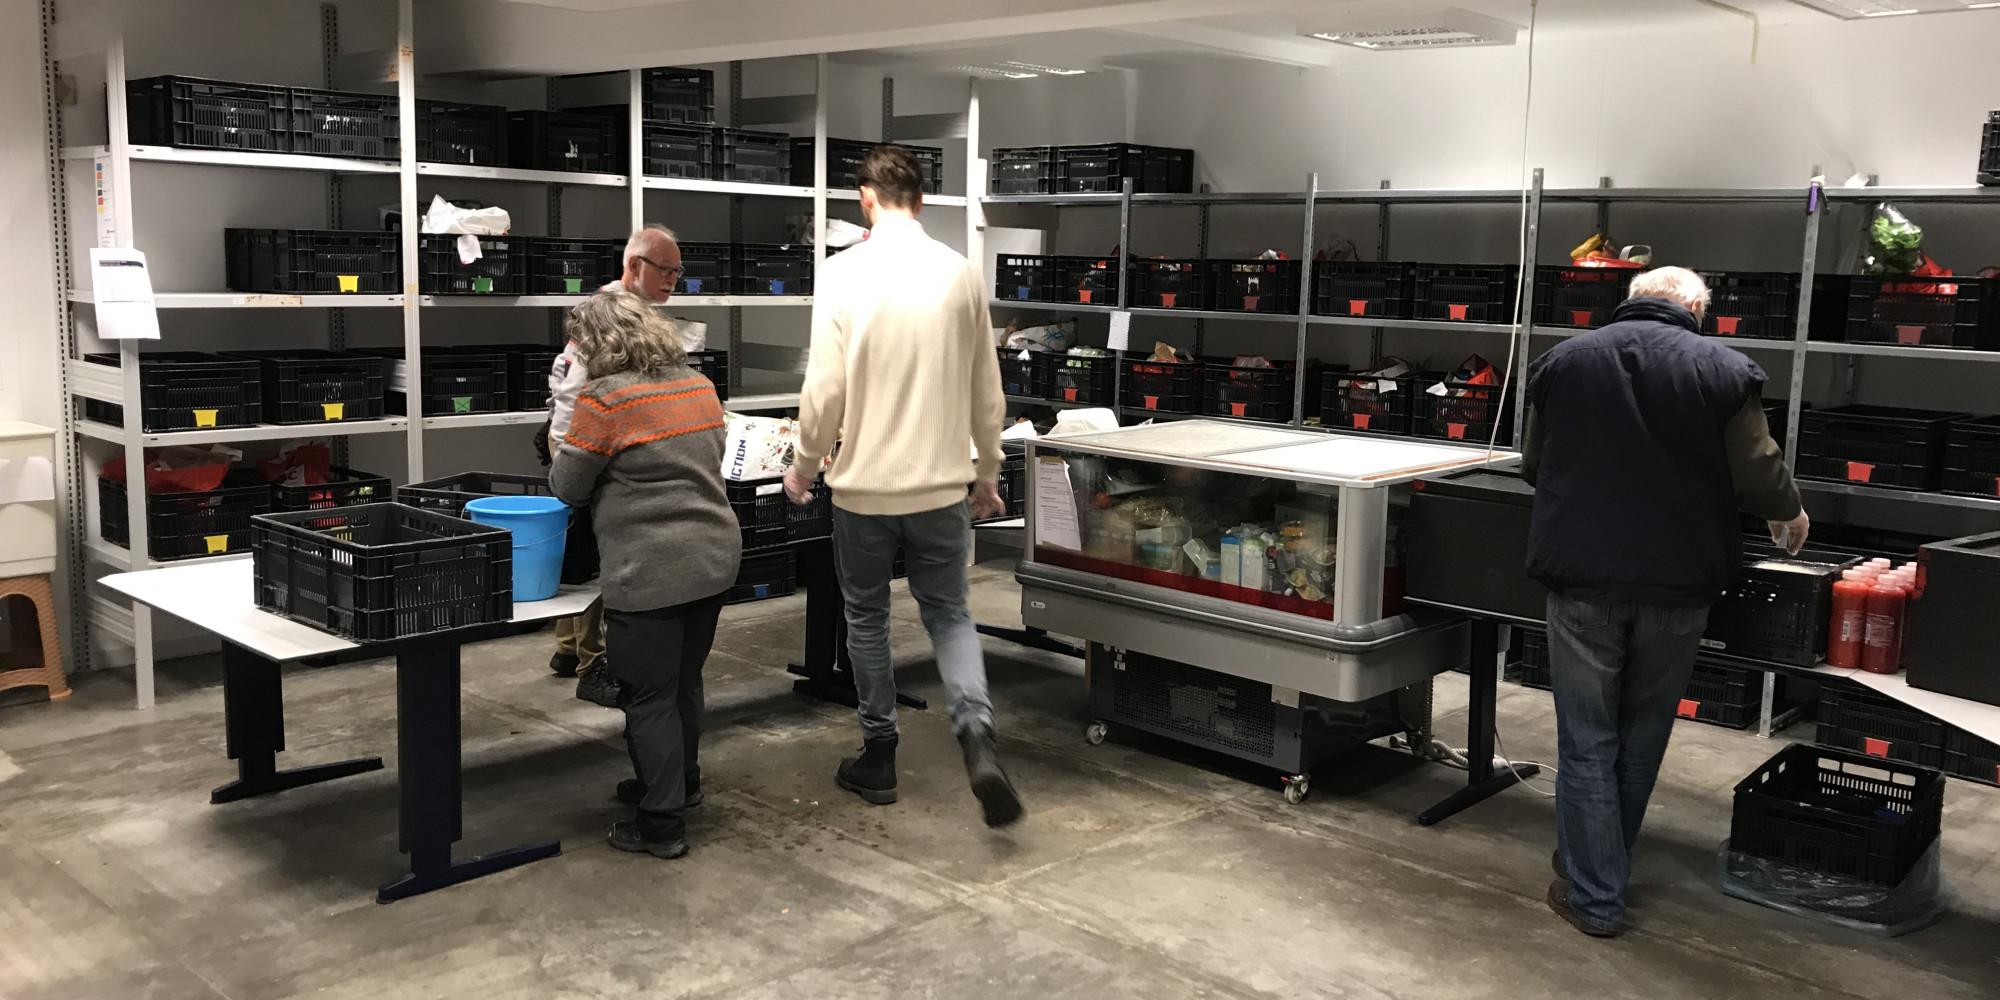 Klanten komen niet meer binnen bij de voedselbank in Hilversum